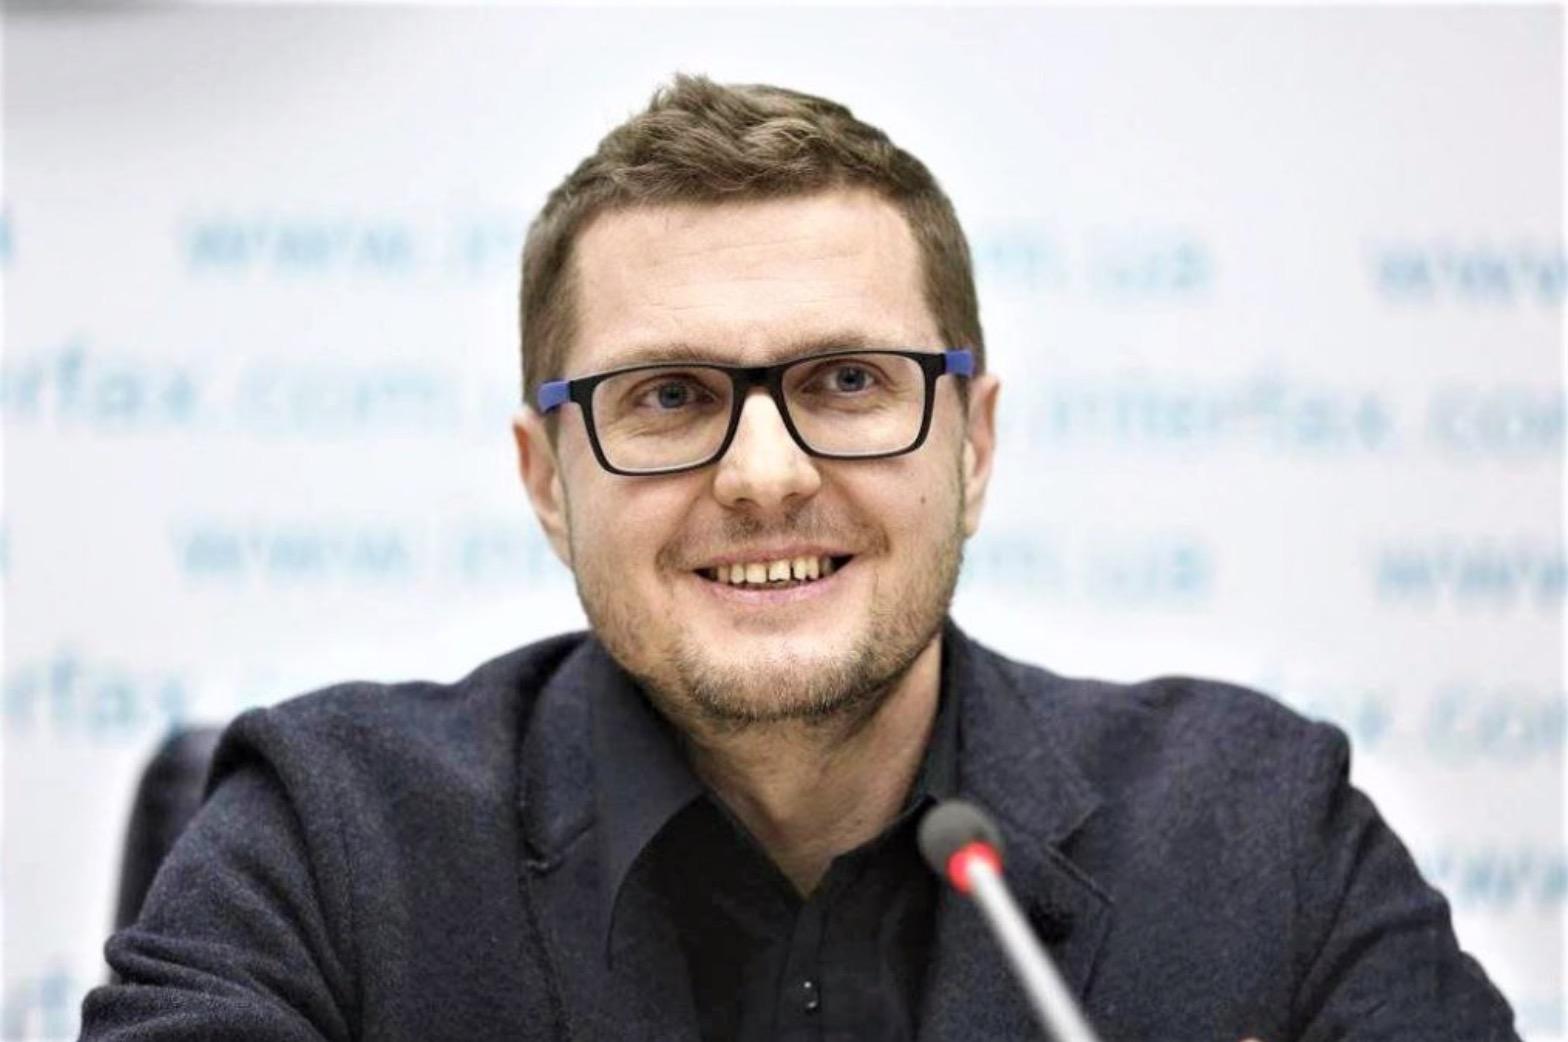 Глава СБУ Баканов не указал в декларации испанскую фирму